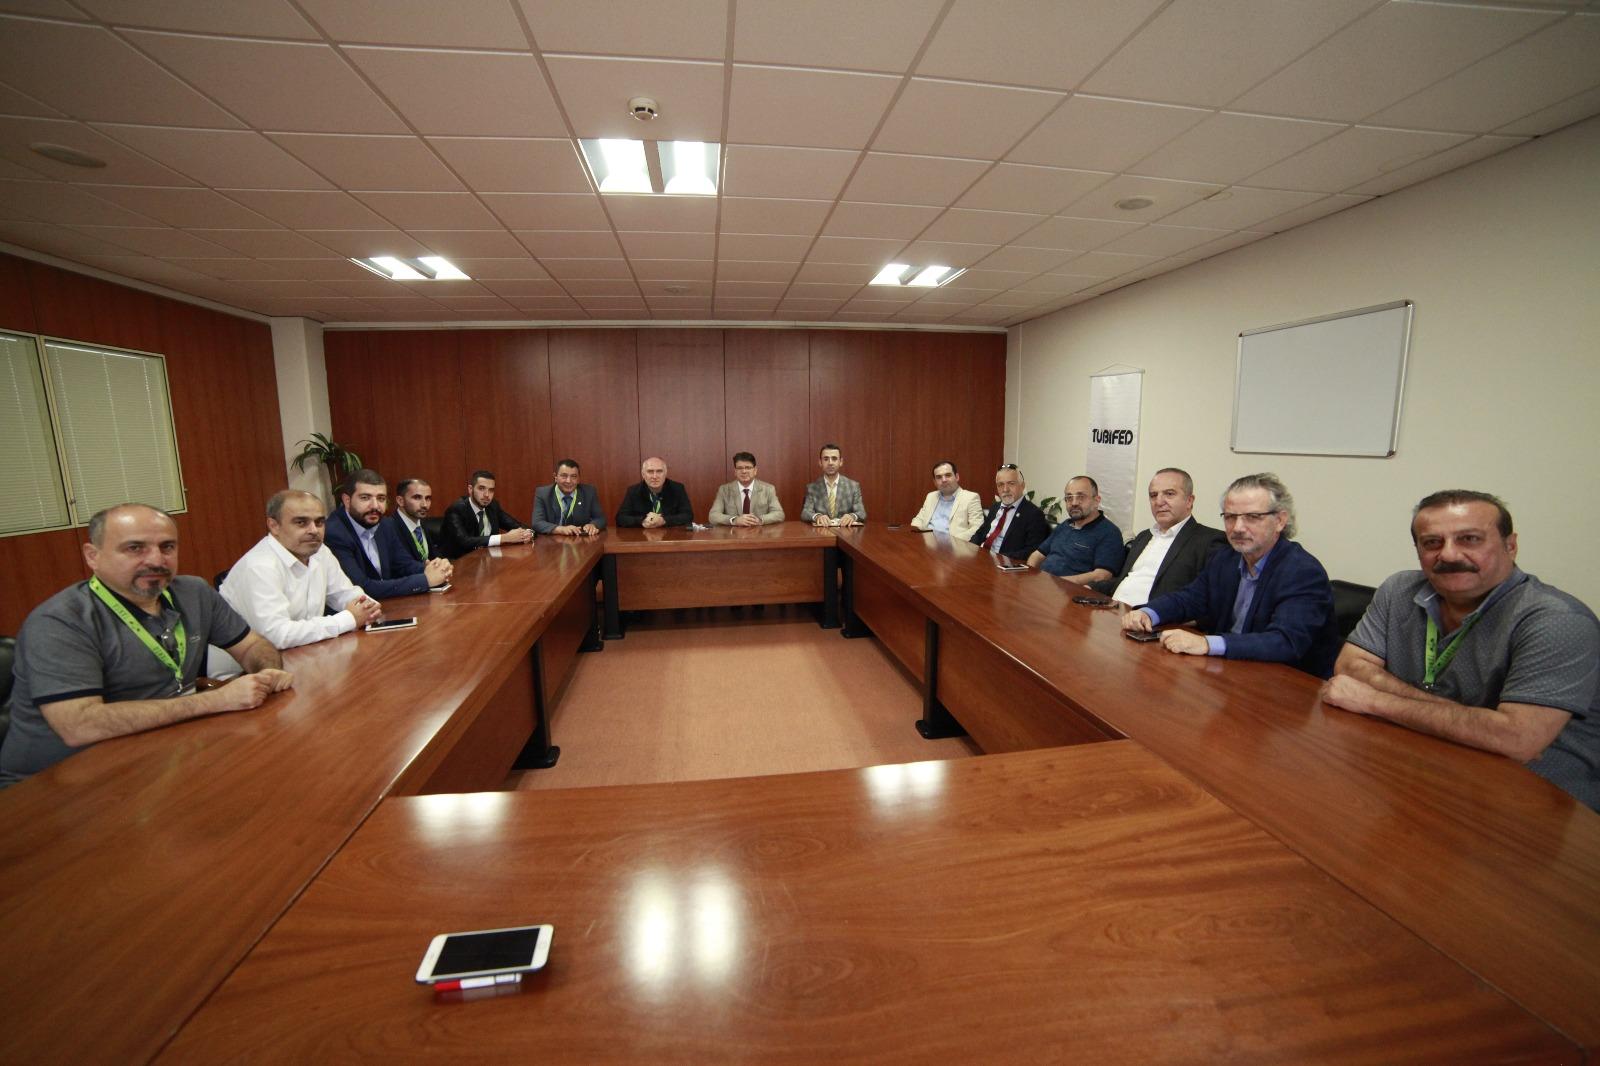 Bilişim Sektörü Dernekleri, TÜBİFED ISAF'ta buluştu.